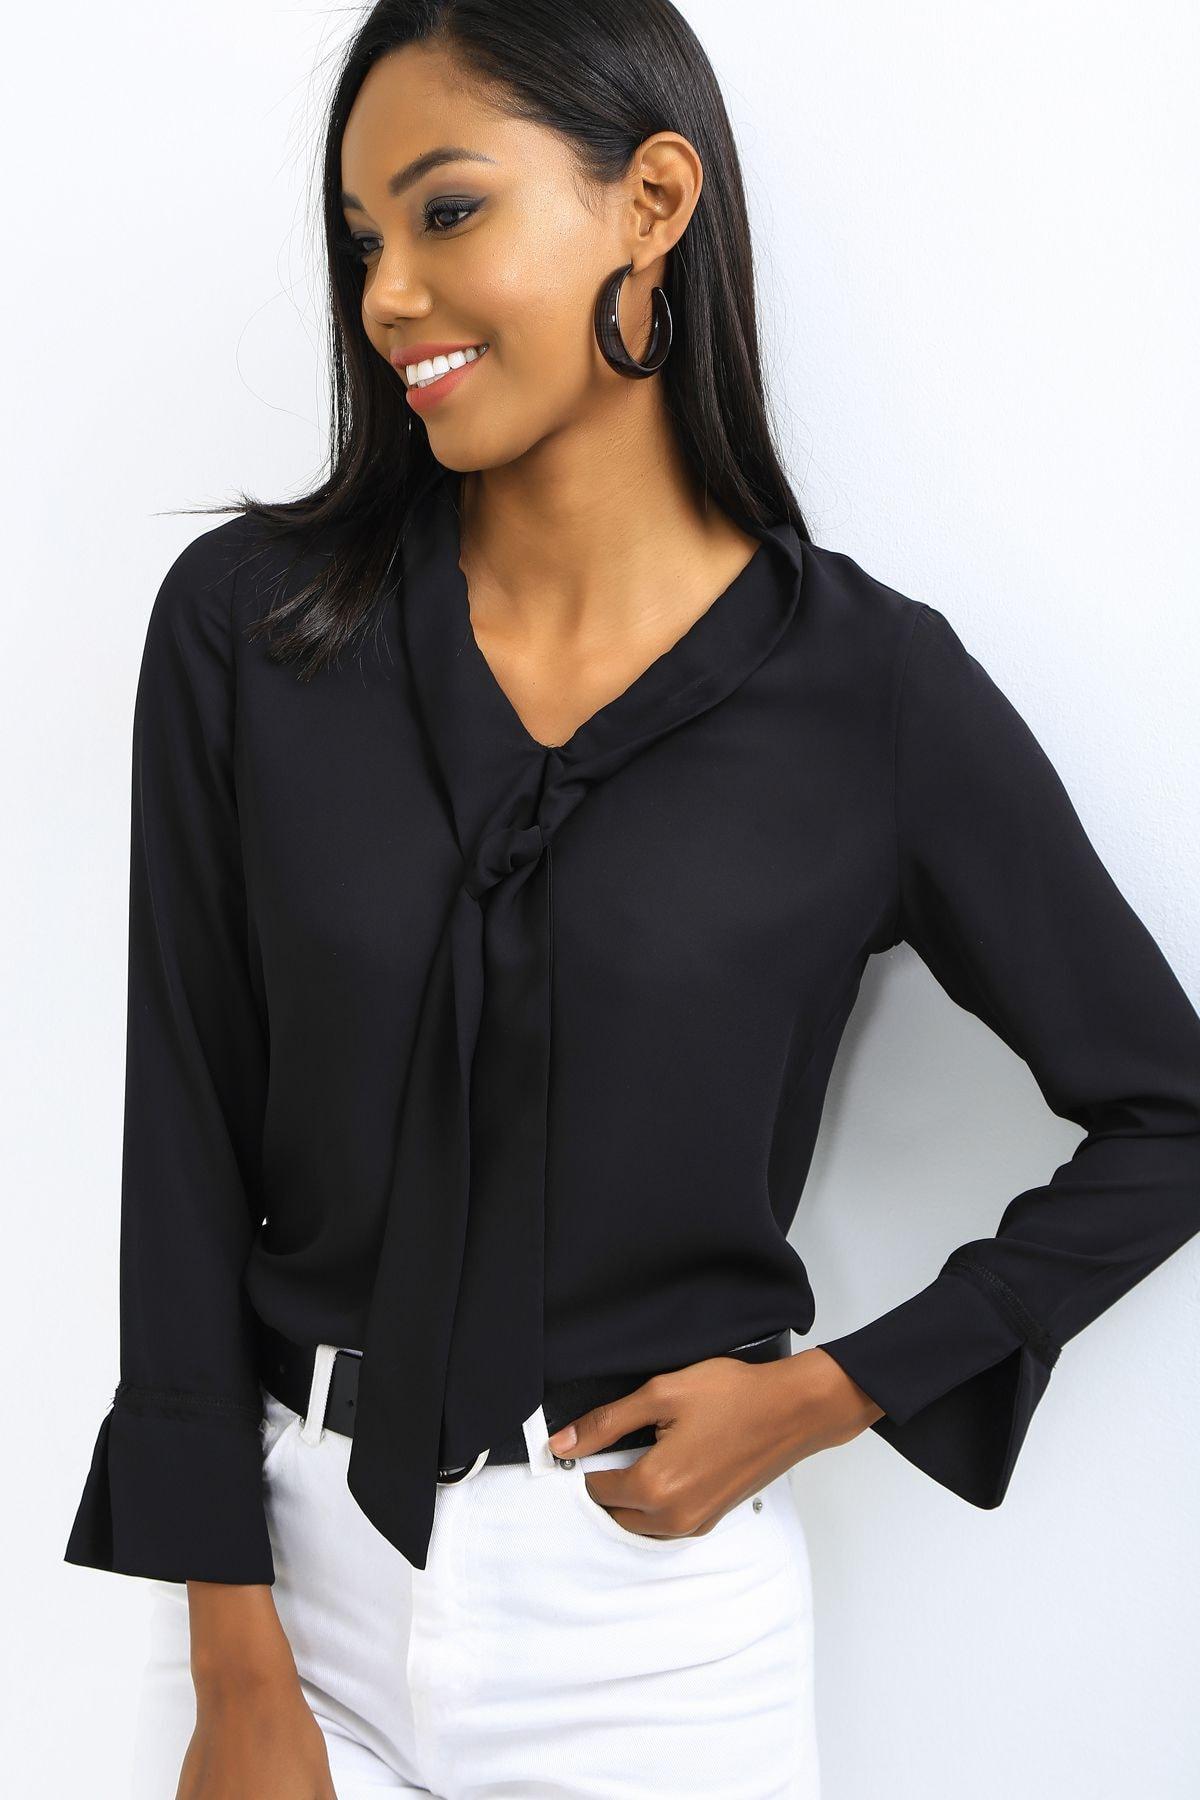 EMJEY Kadın Siyah Önü Bağlamalı Kolları Manşetli Gömlek She020B010059 0